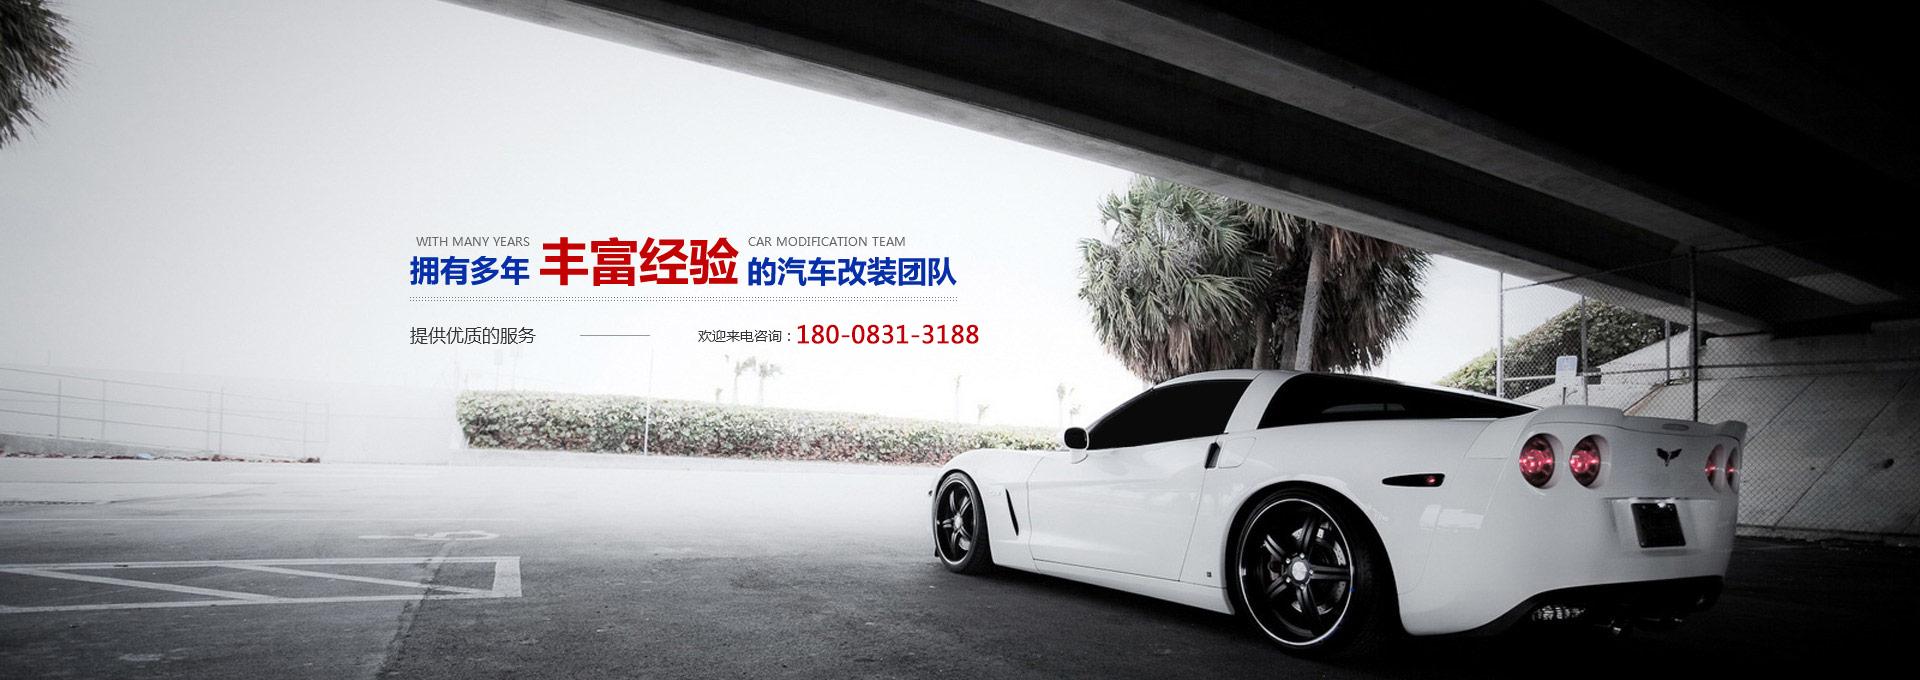 重庆汽车改装店